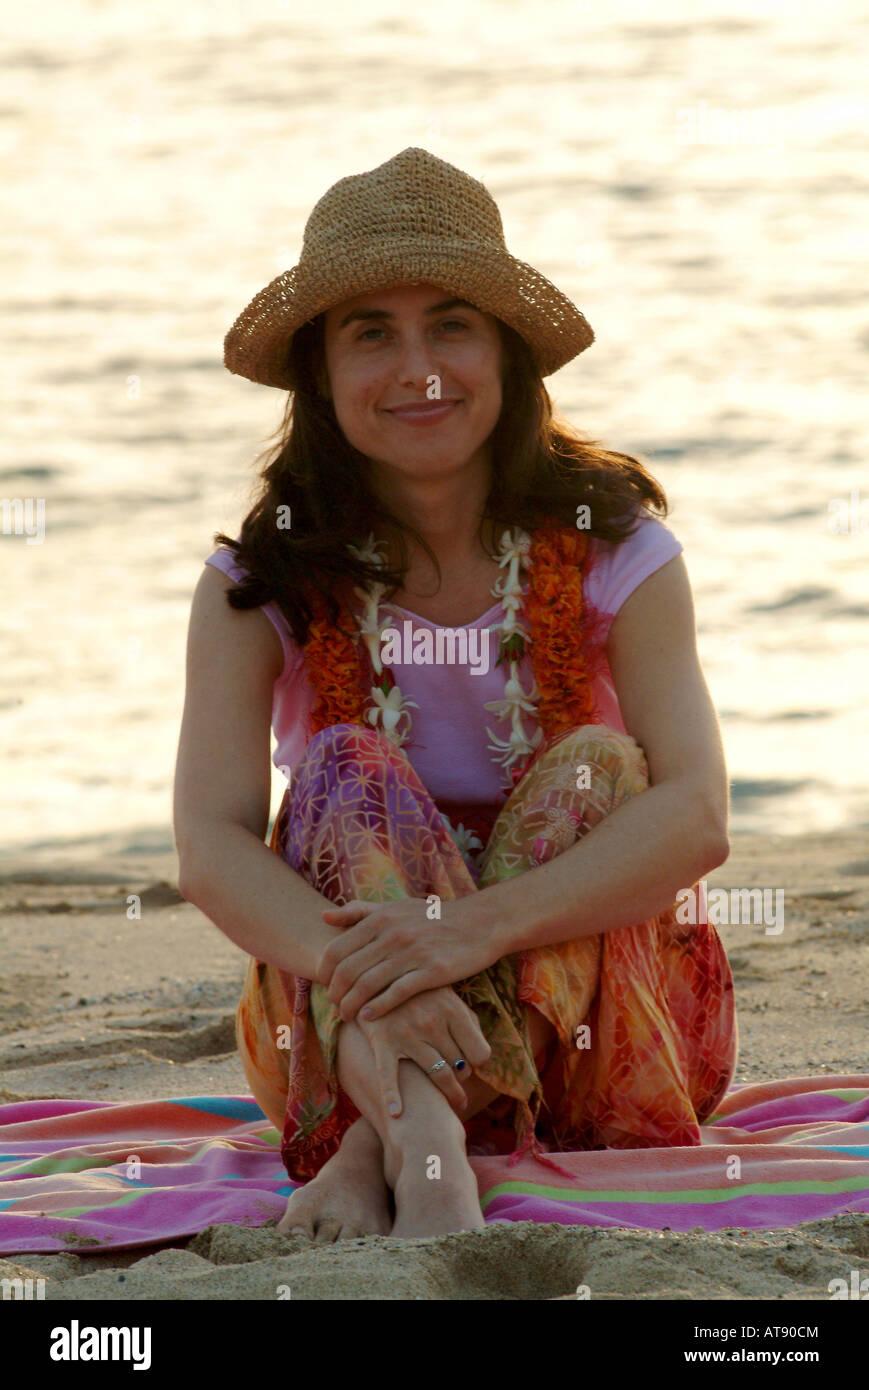 La mujer judía a mediados treinta sentados sobre la toalla en la playa, con sombrero y una flor leis Foto de stock